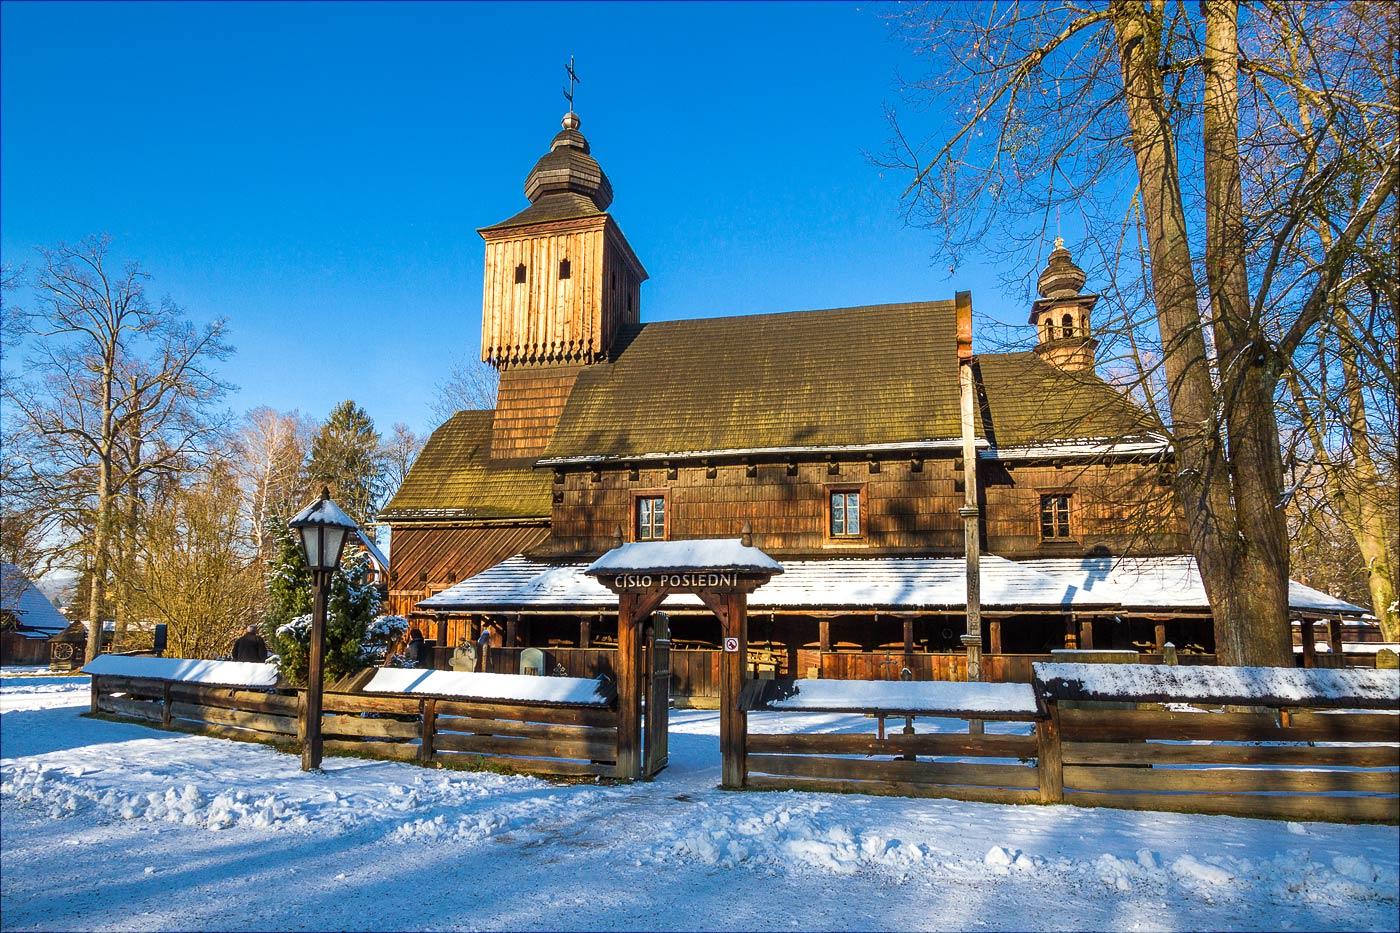 http://countryczech.com/wp-content/uploads/2017/01/photos/20161217-140705_Roznov_pod_Radhostem_skanzen.jpg